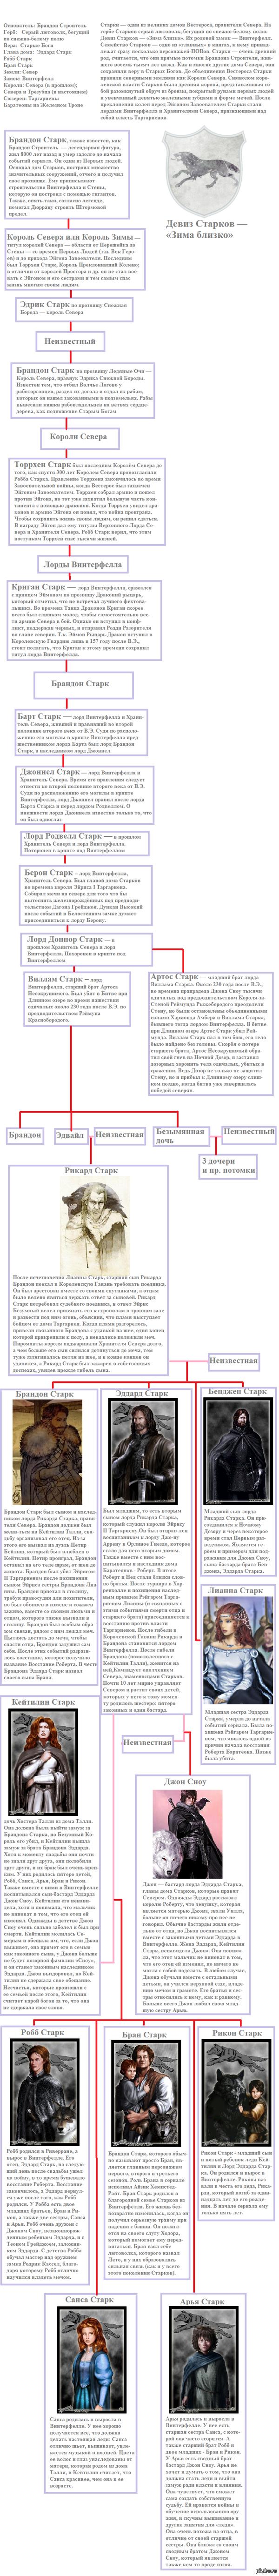 Генеалогическое древо Старков